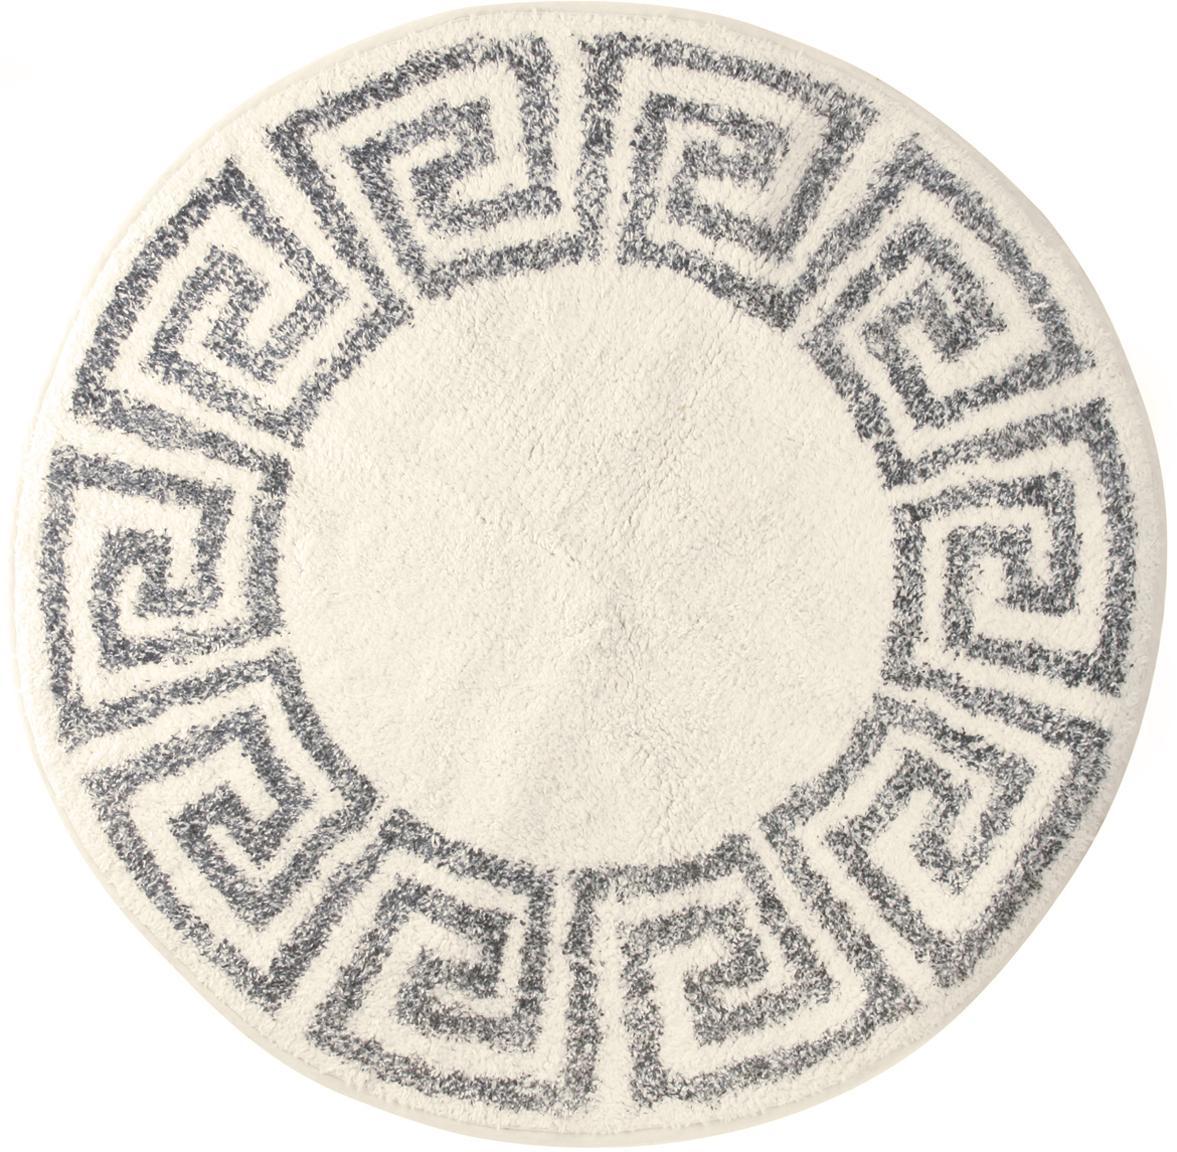 Große runde Badematte Greek, rutschfest, Flor: 100% Baumwolle, Creme, Grau, Ø 120 cm